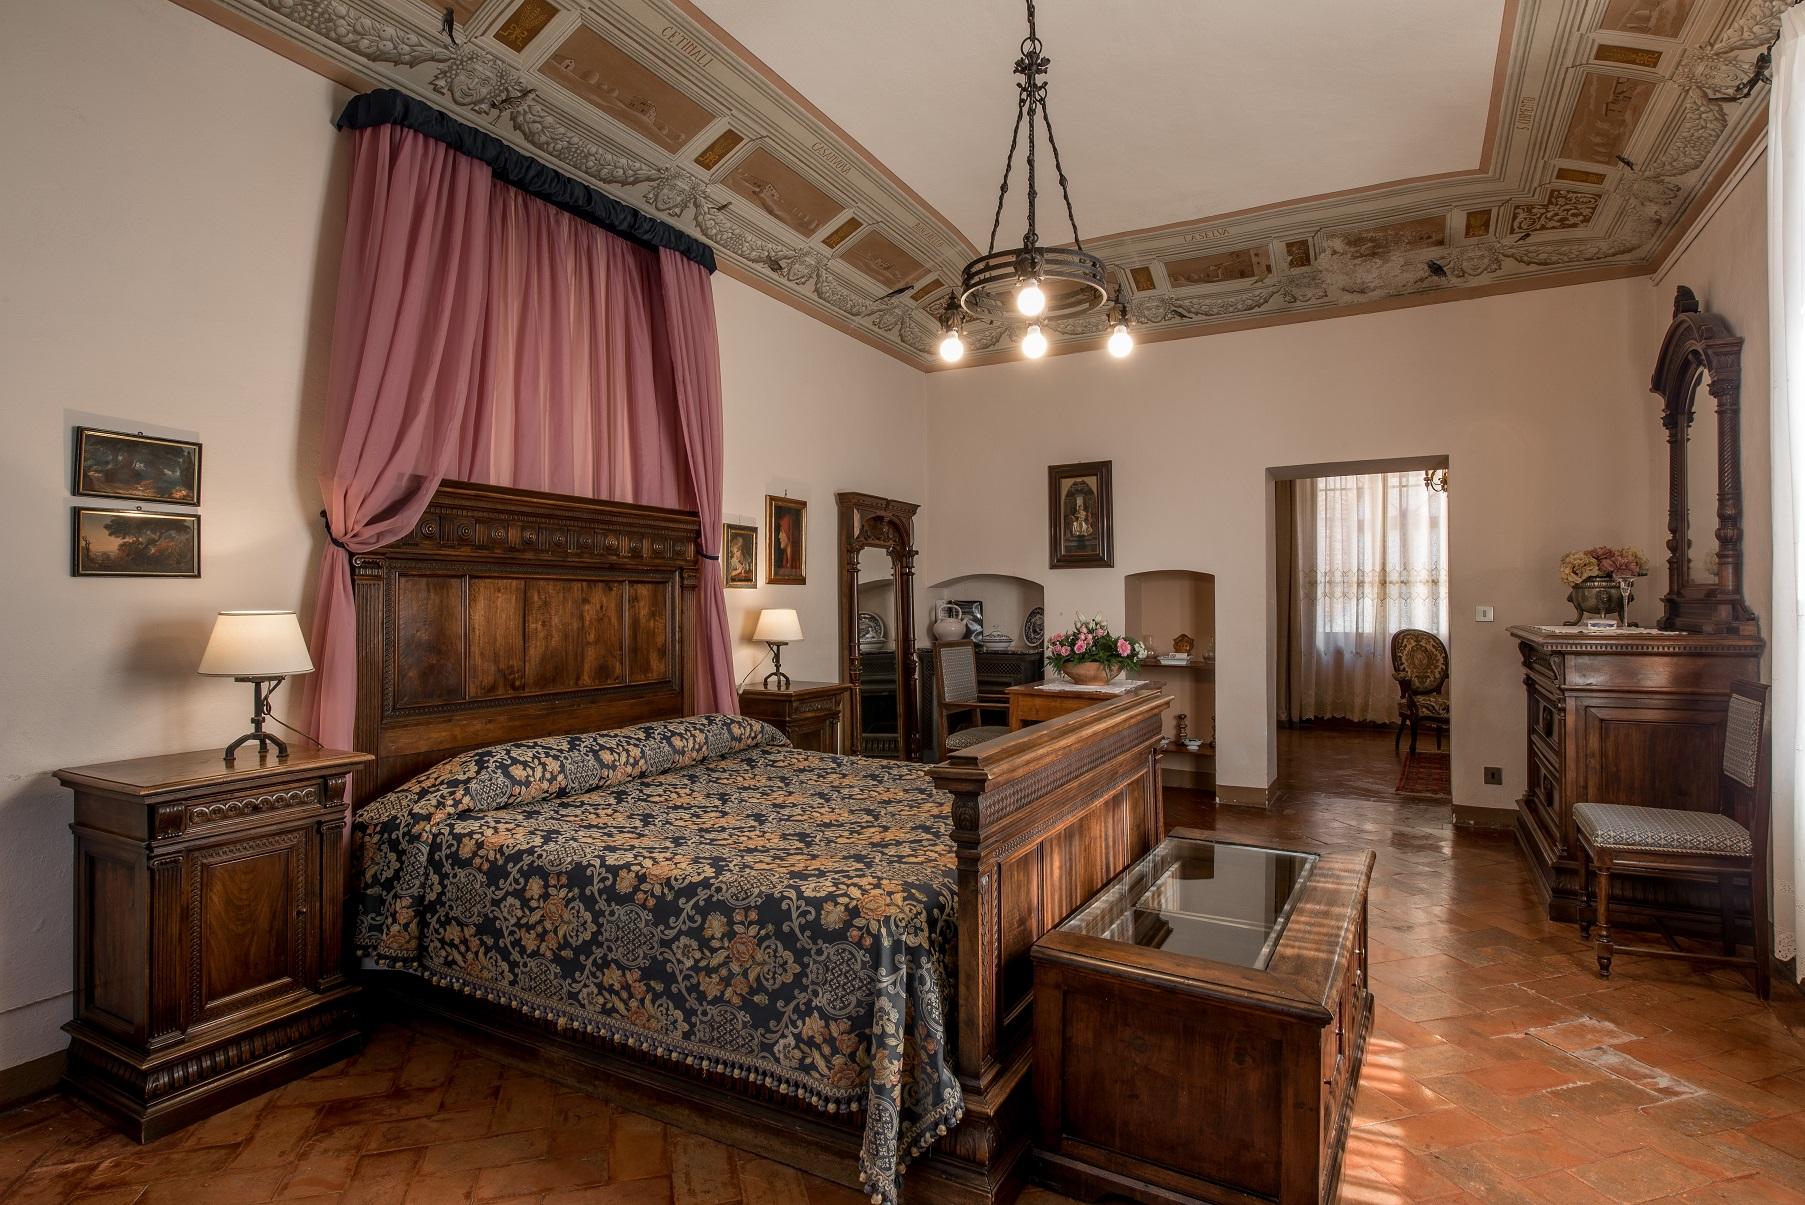 letto-a-baldacchino-Camera-del-Granduca-Fattoria-del-Colle-Toscana